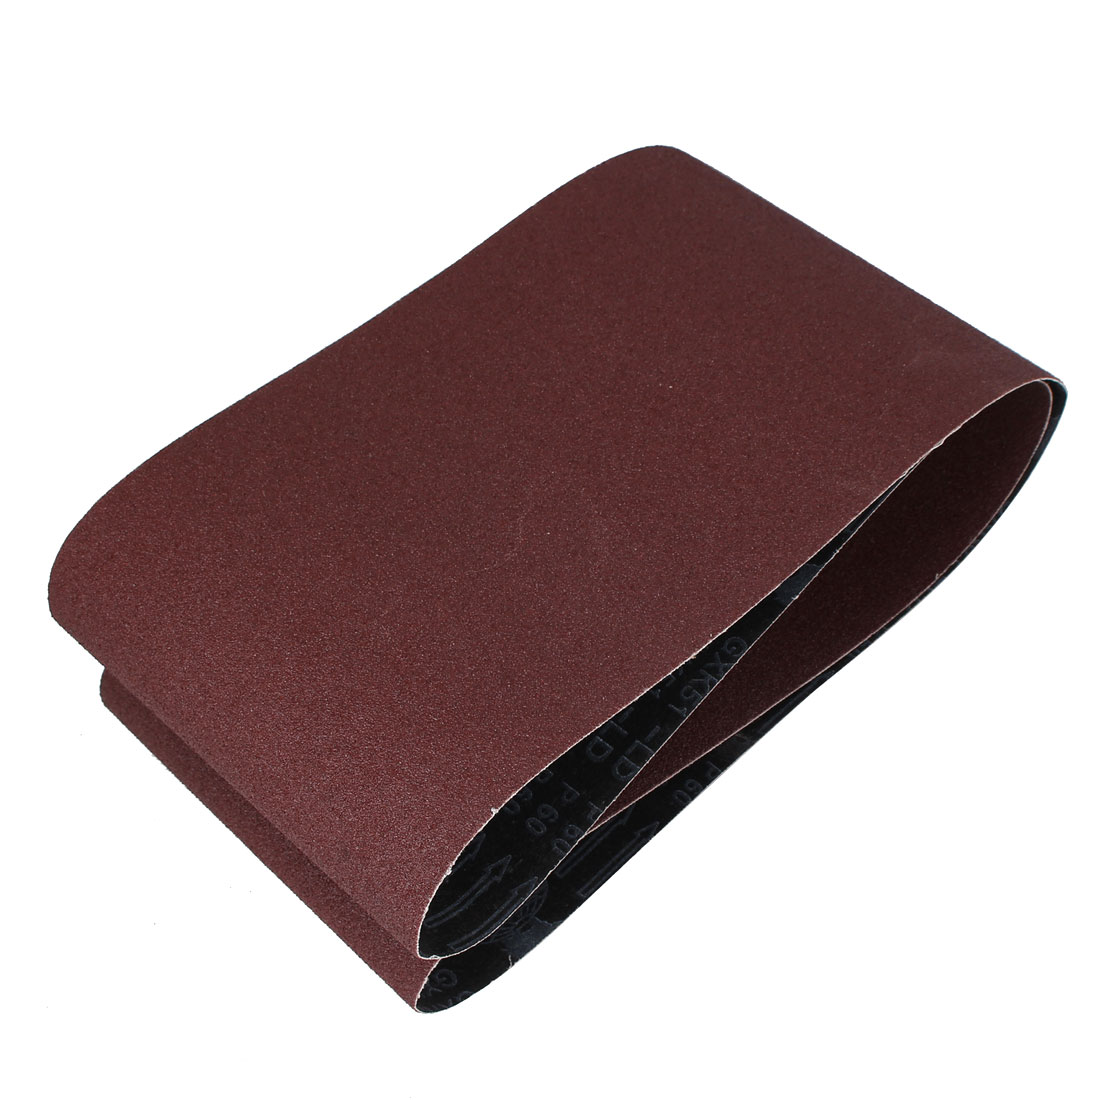 Woodworking 1520mmx200mm 60 Grit Abrasive Sanding Belt Sandpaper